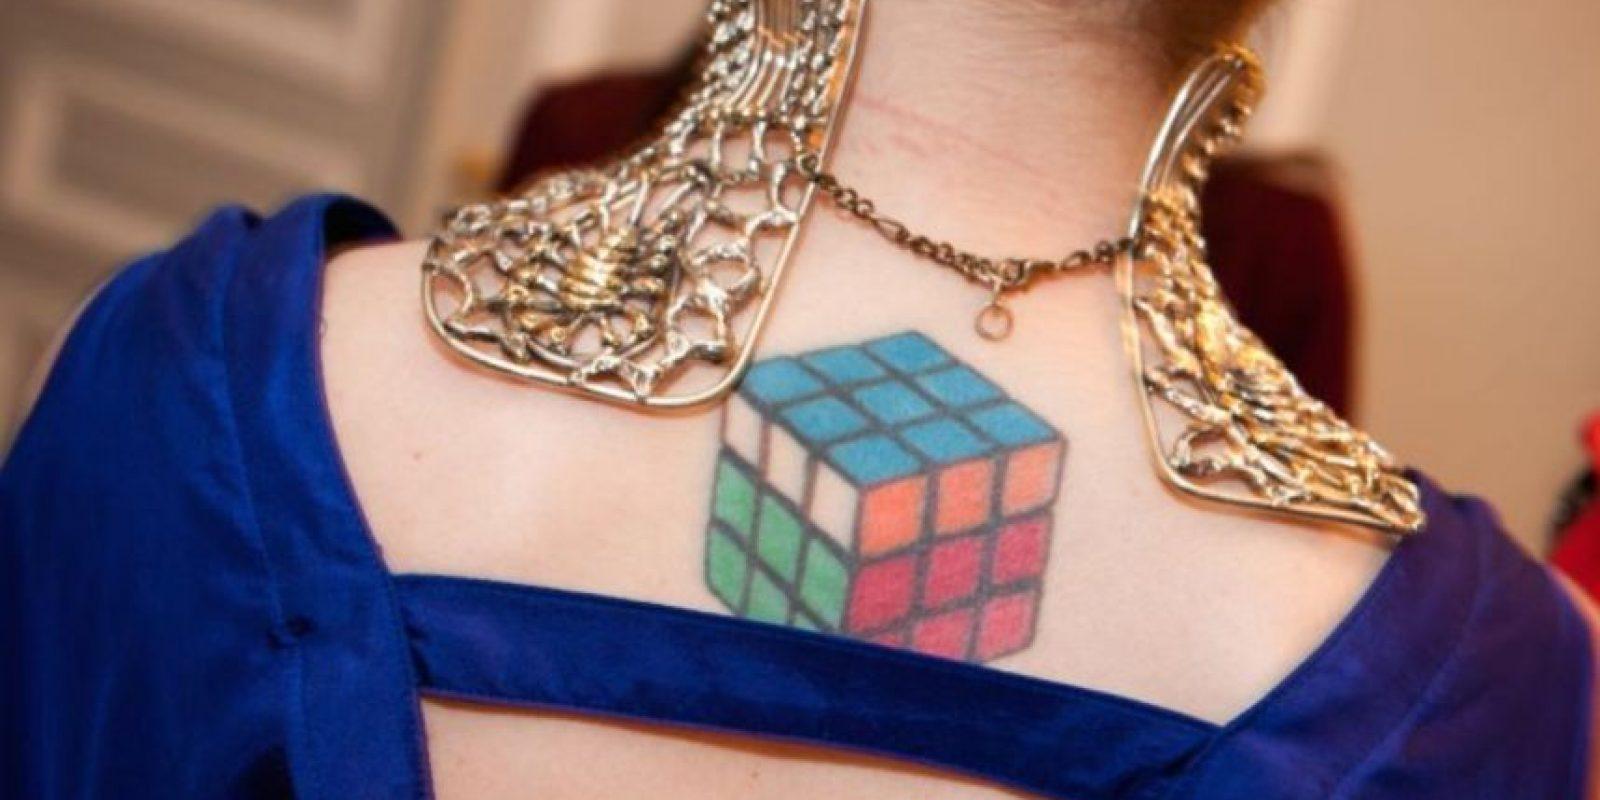 En 1981 se realizó una exhibición del cubo de Rubik en el Museo de Arte Moderno de Nueva York. Foto:Getty Images